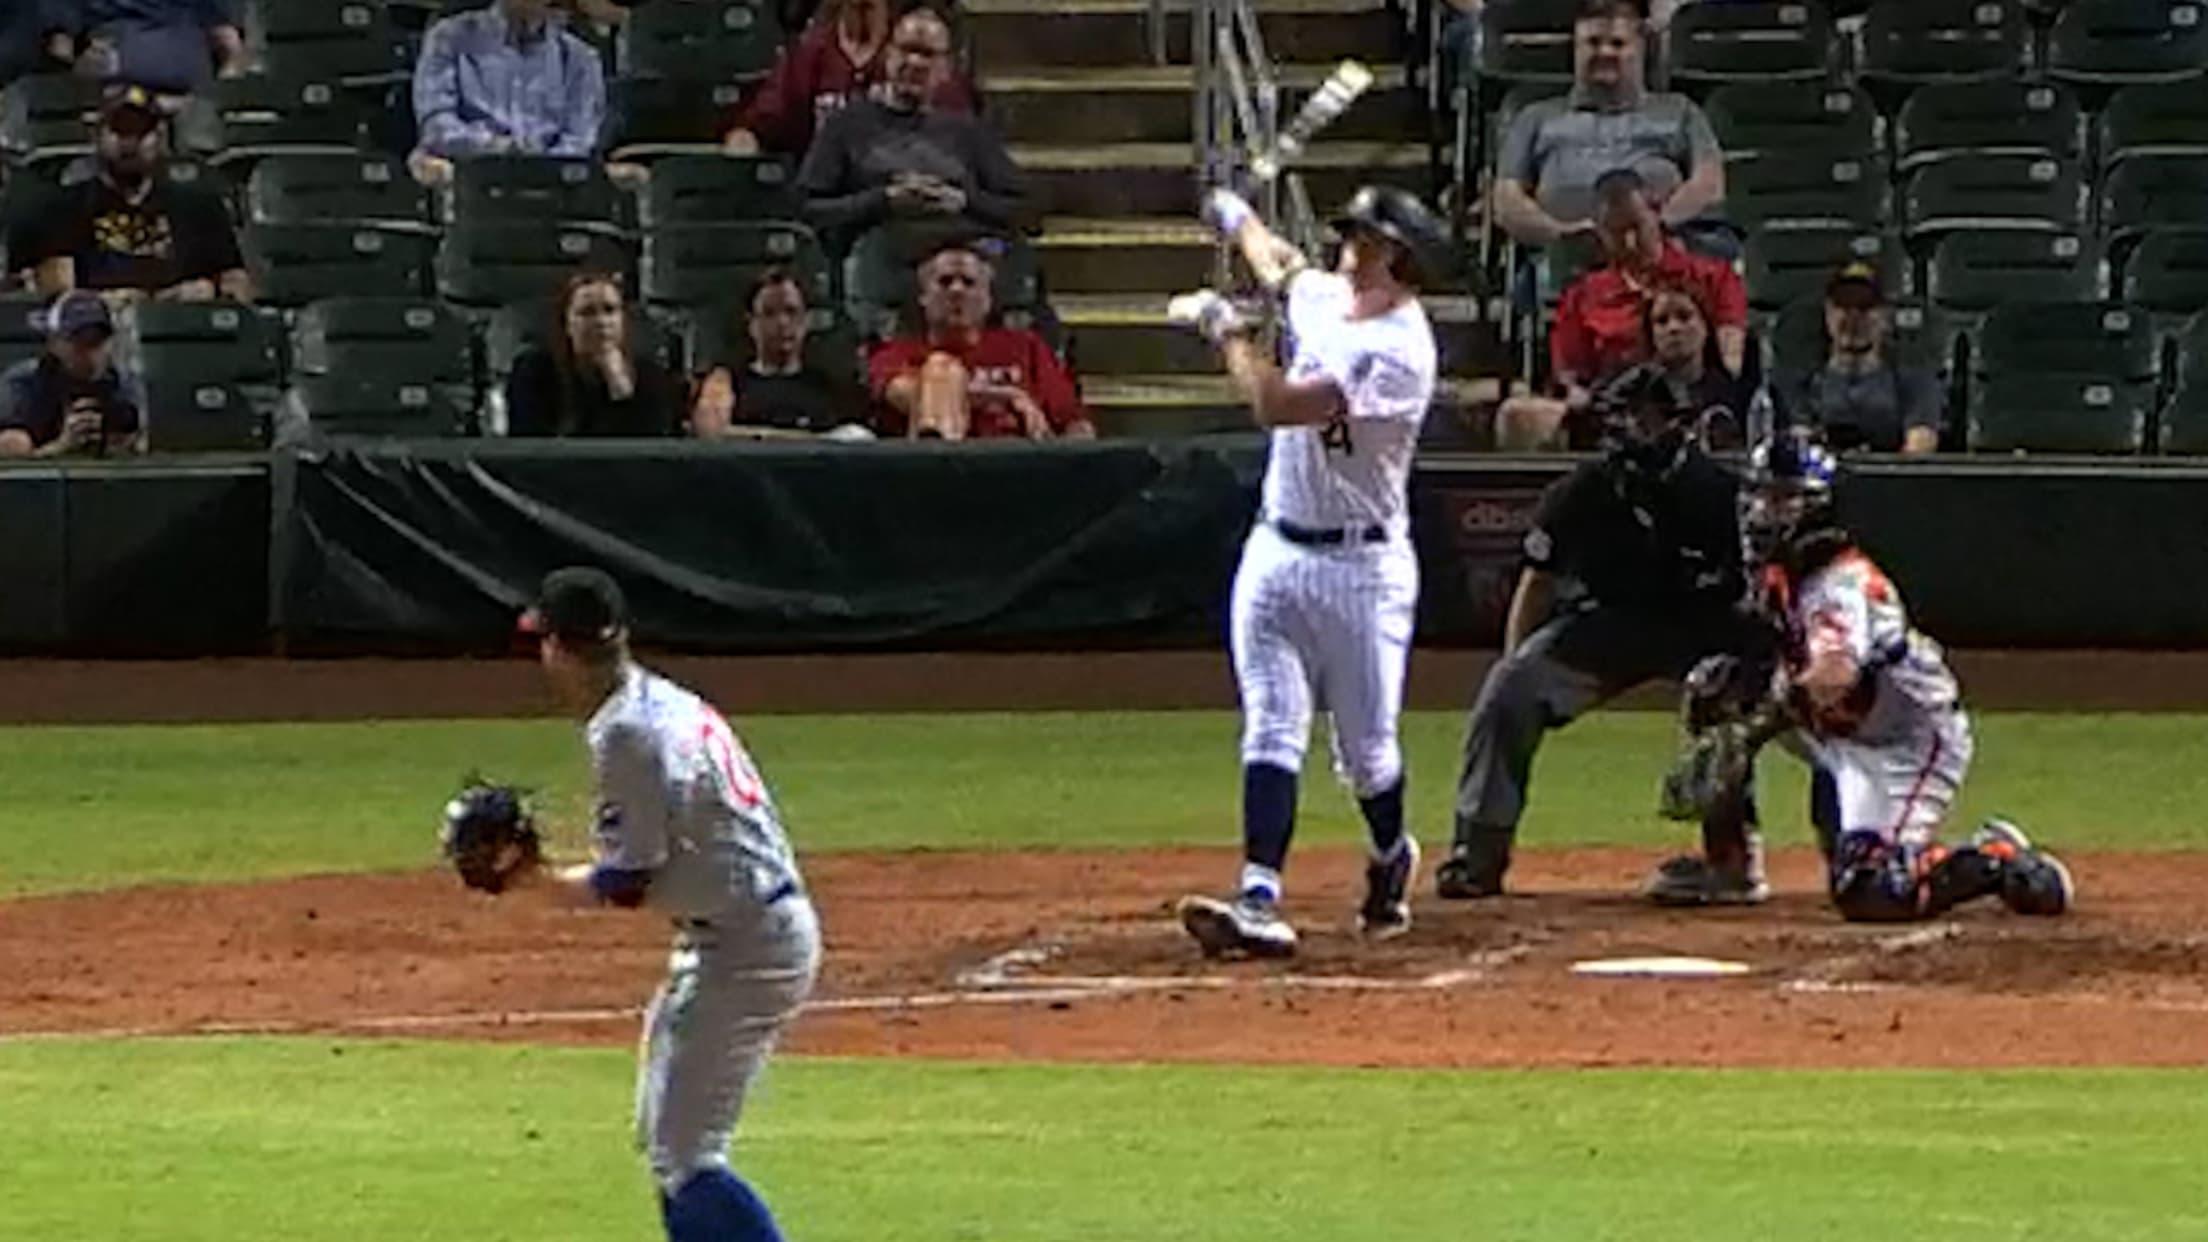 Michael Toglia's two-run home run